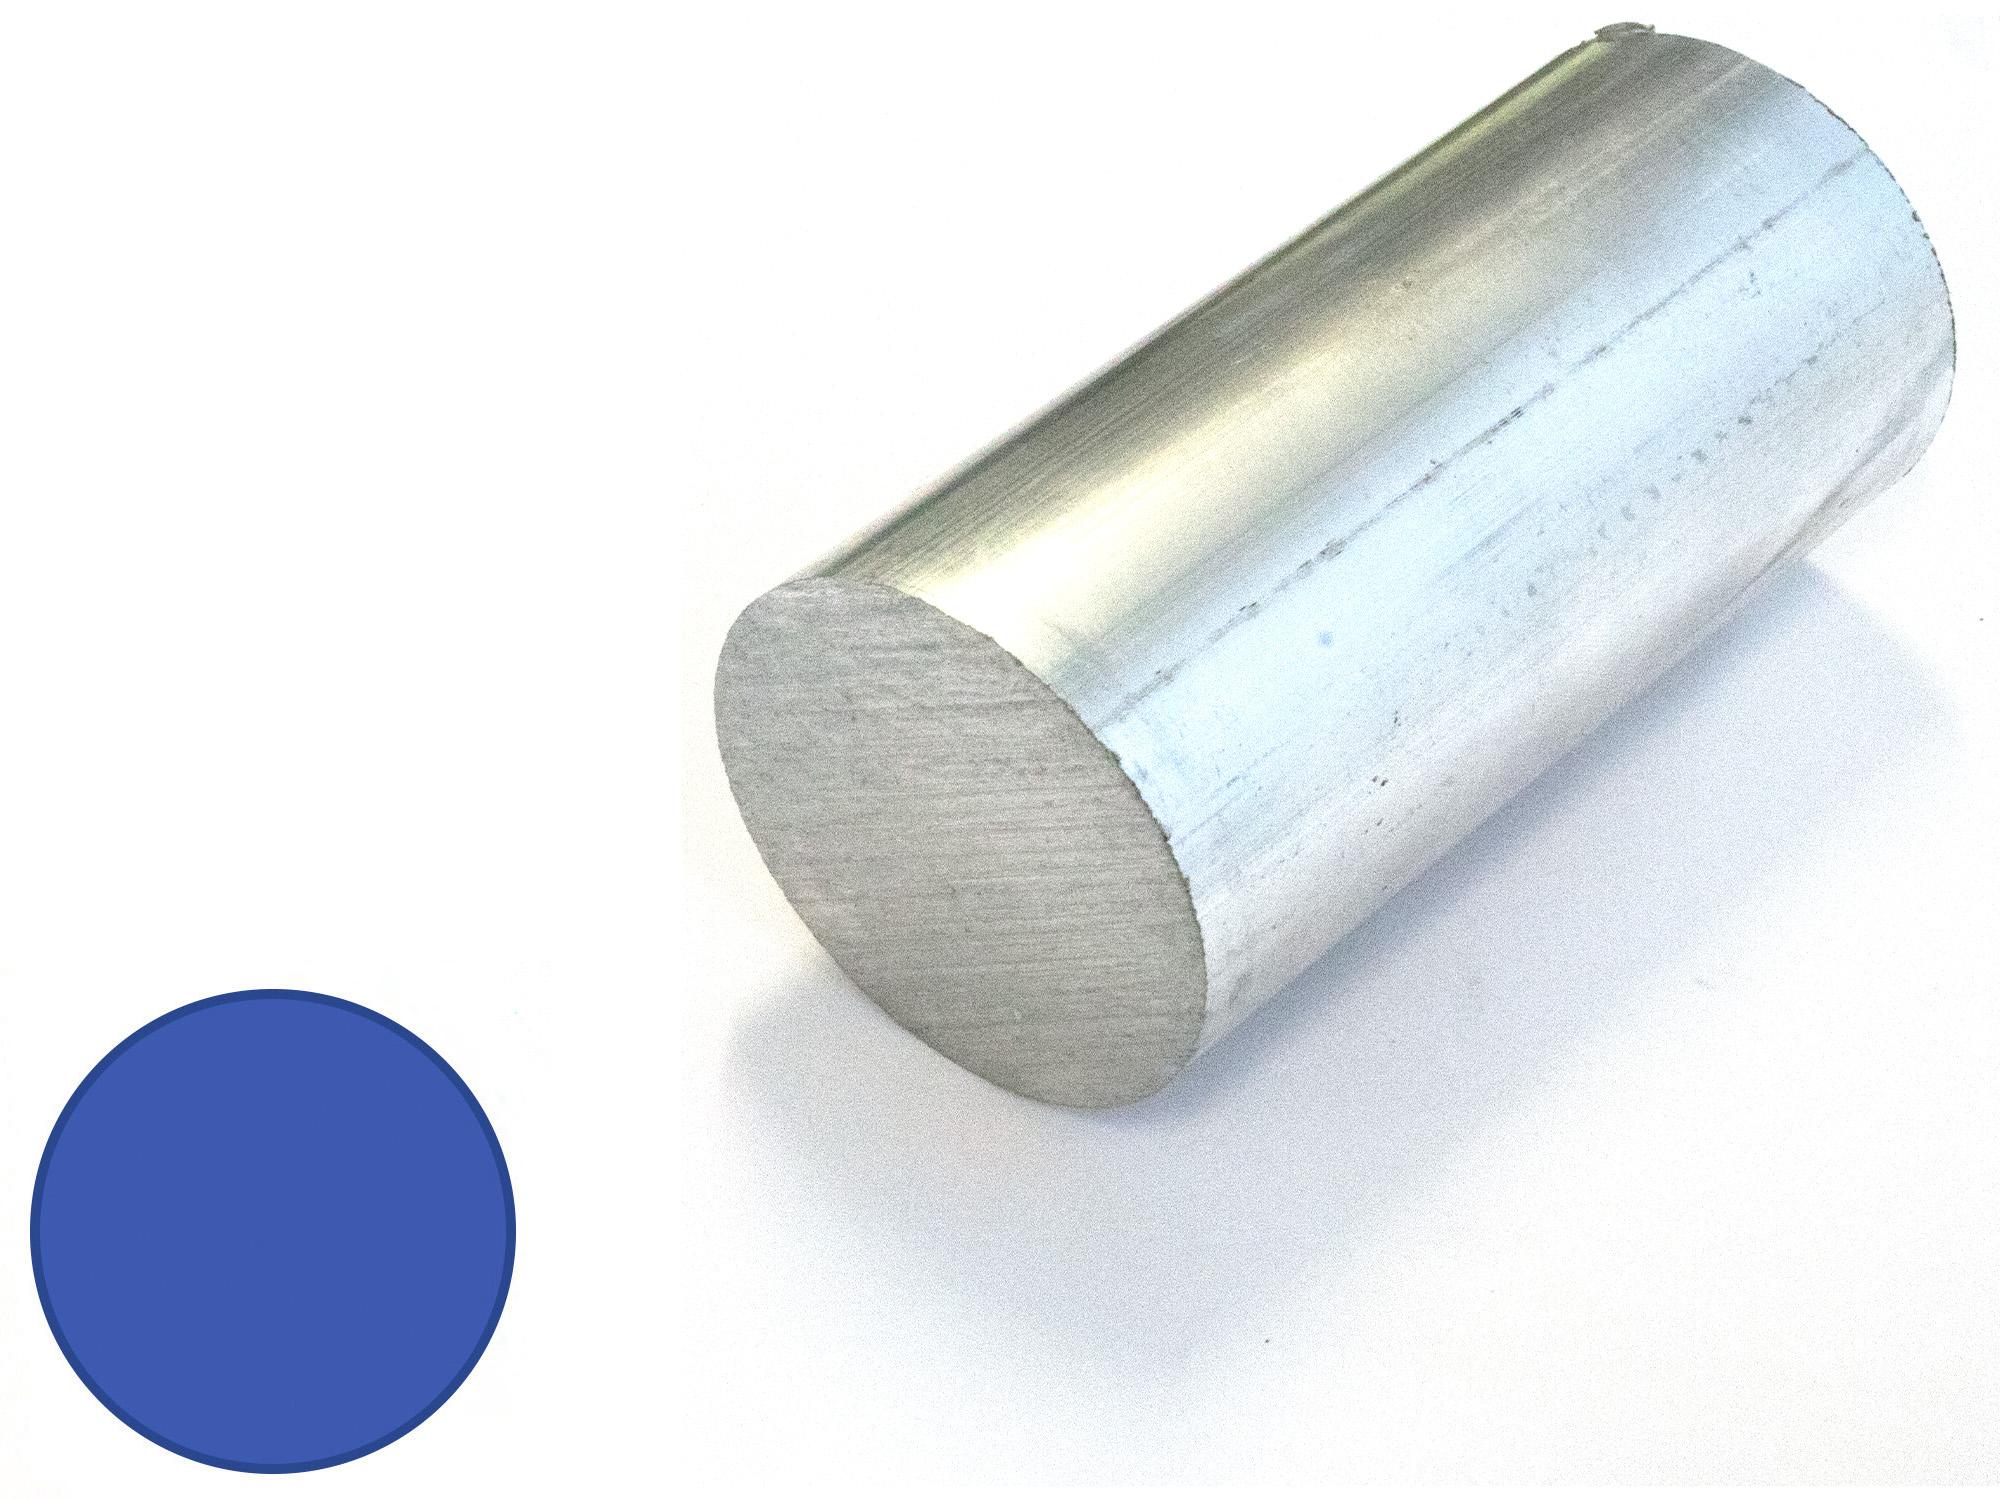 Aluminium as